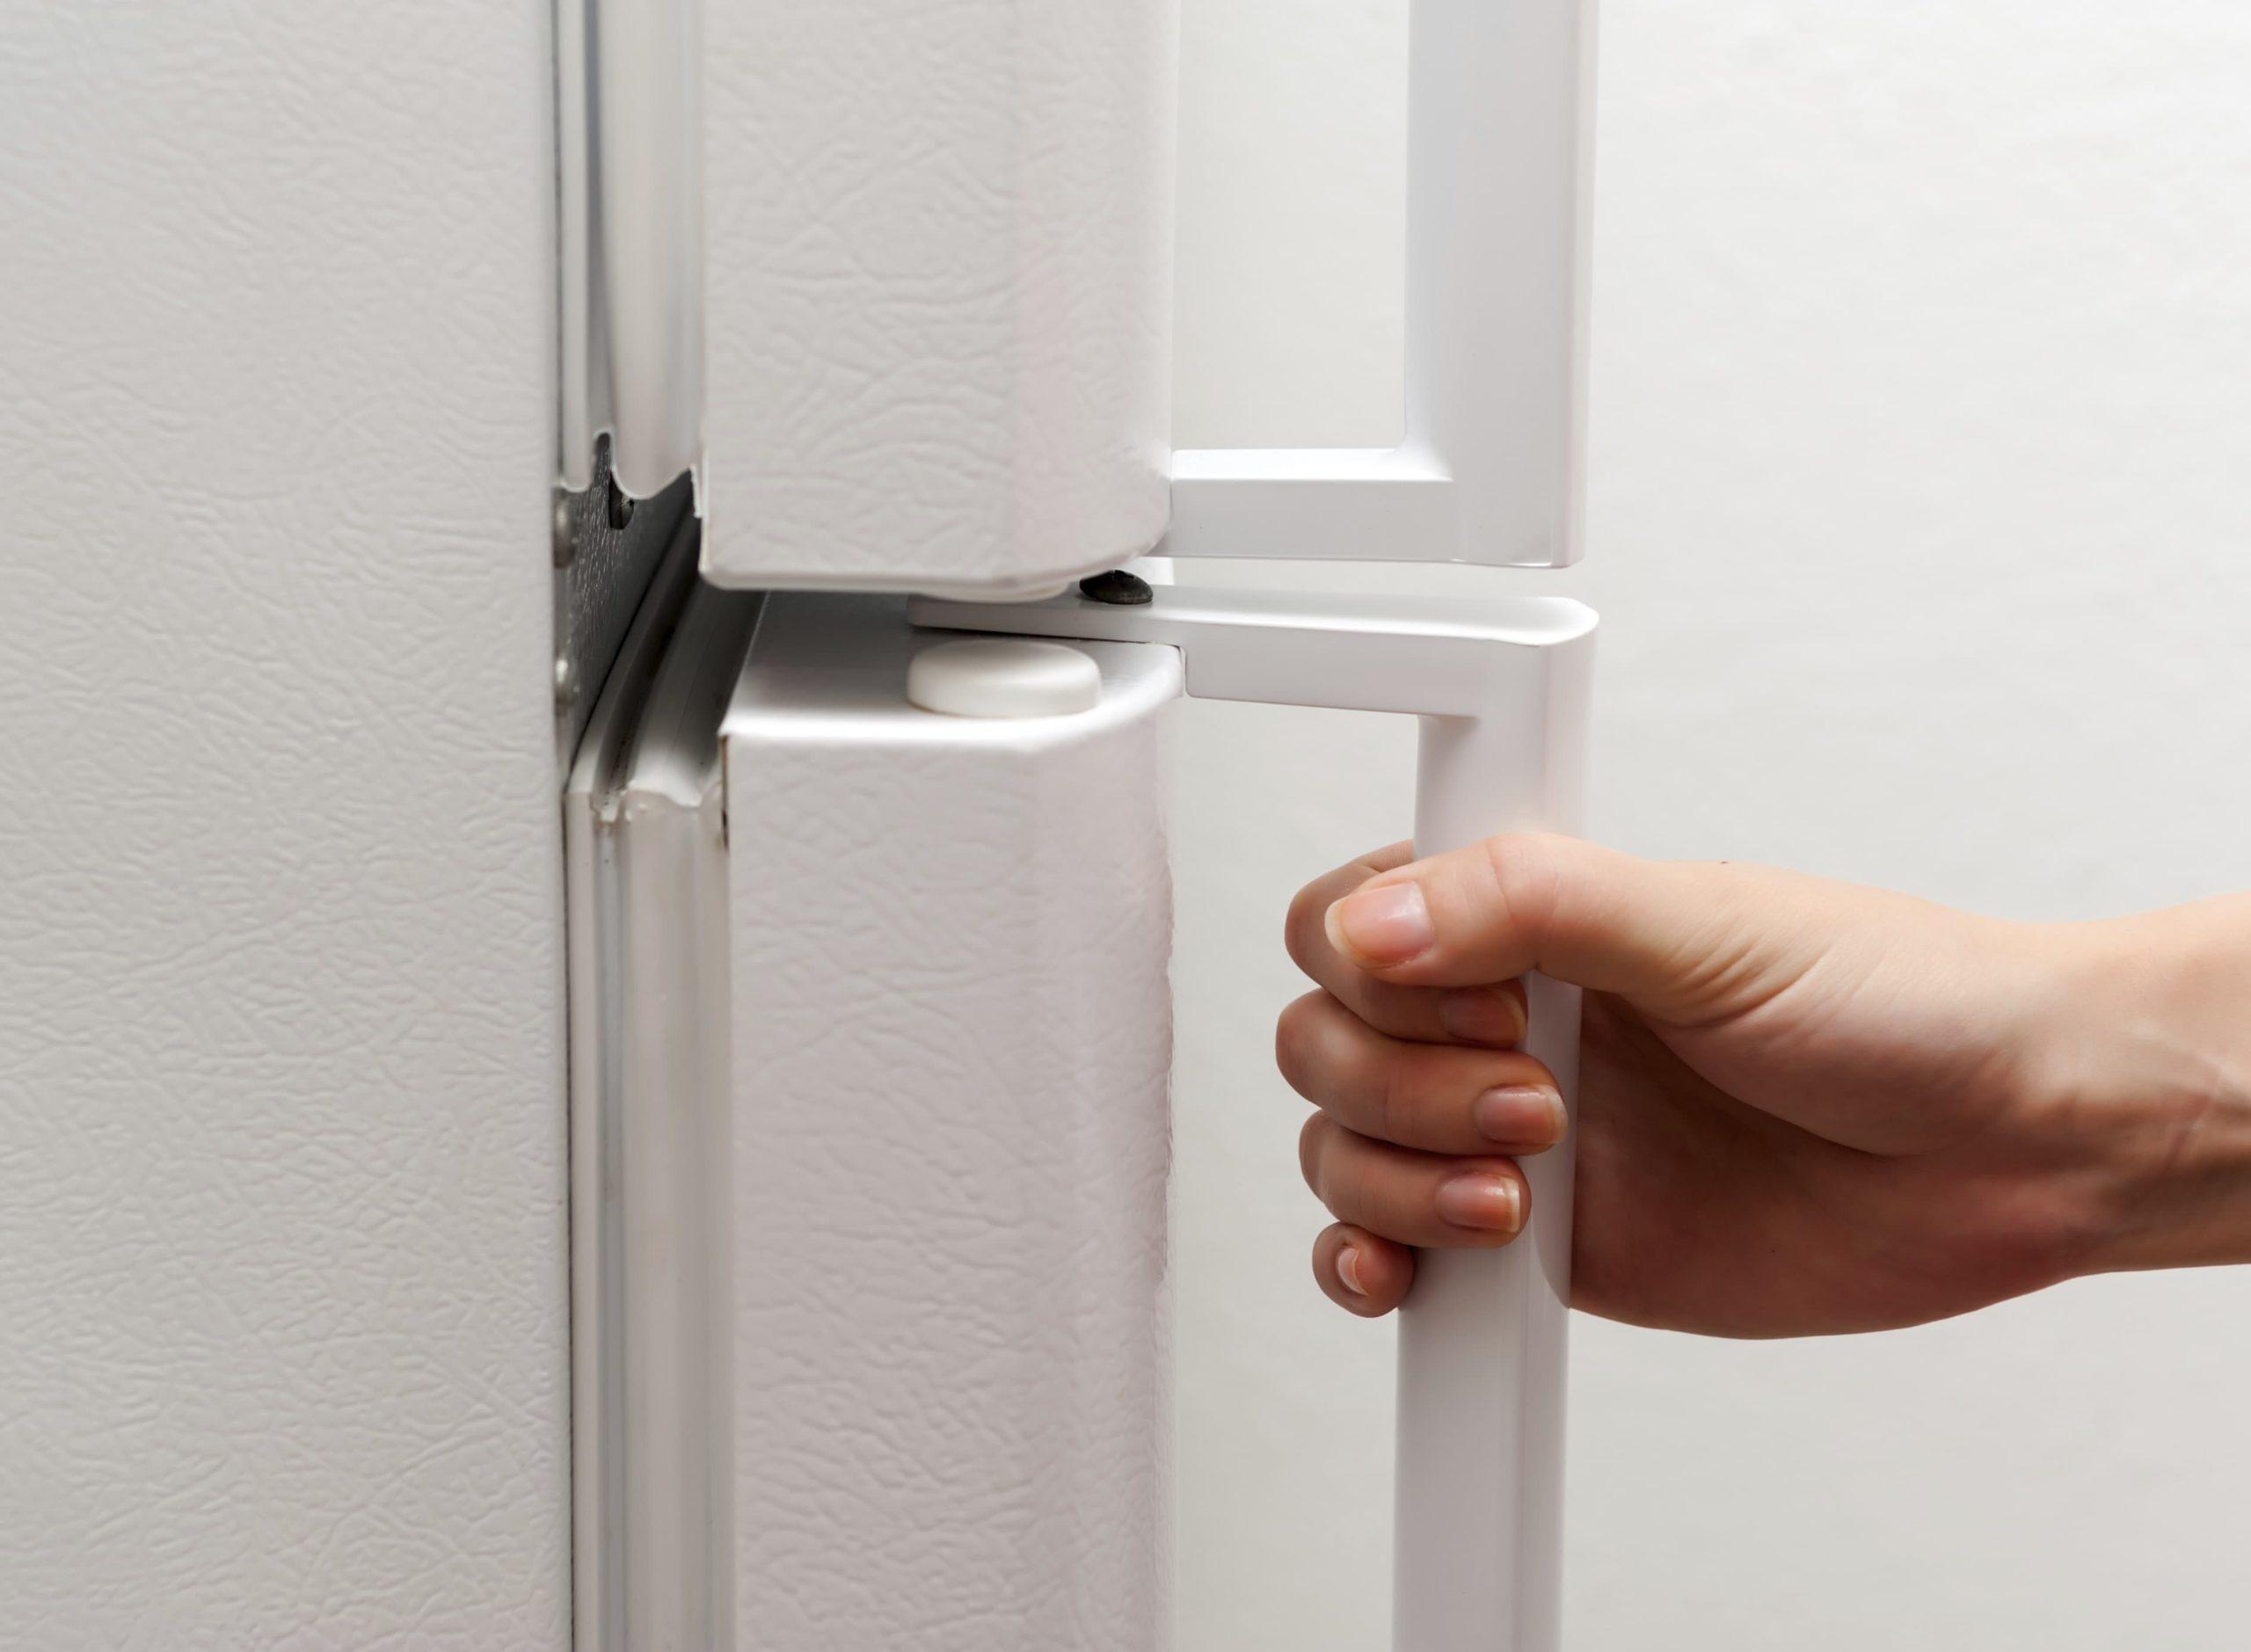 резинка на дверце холодильника